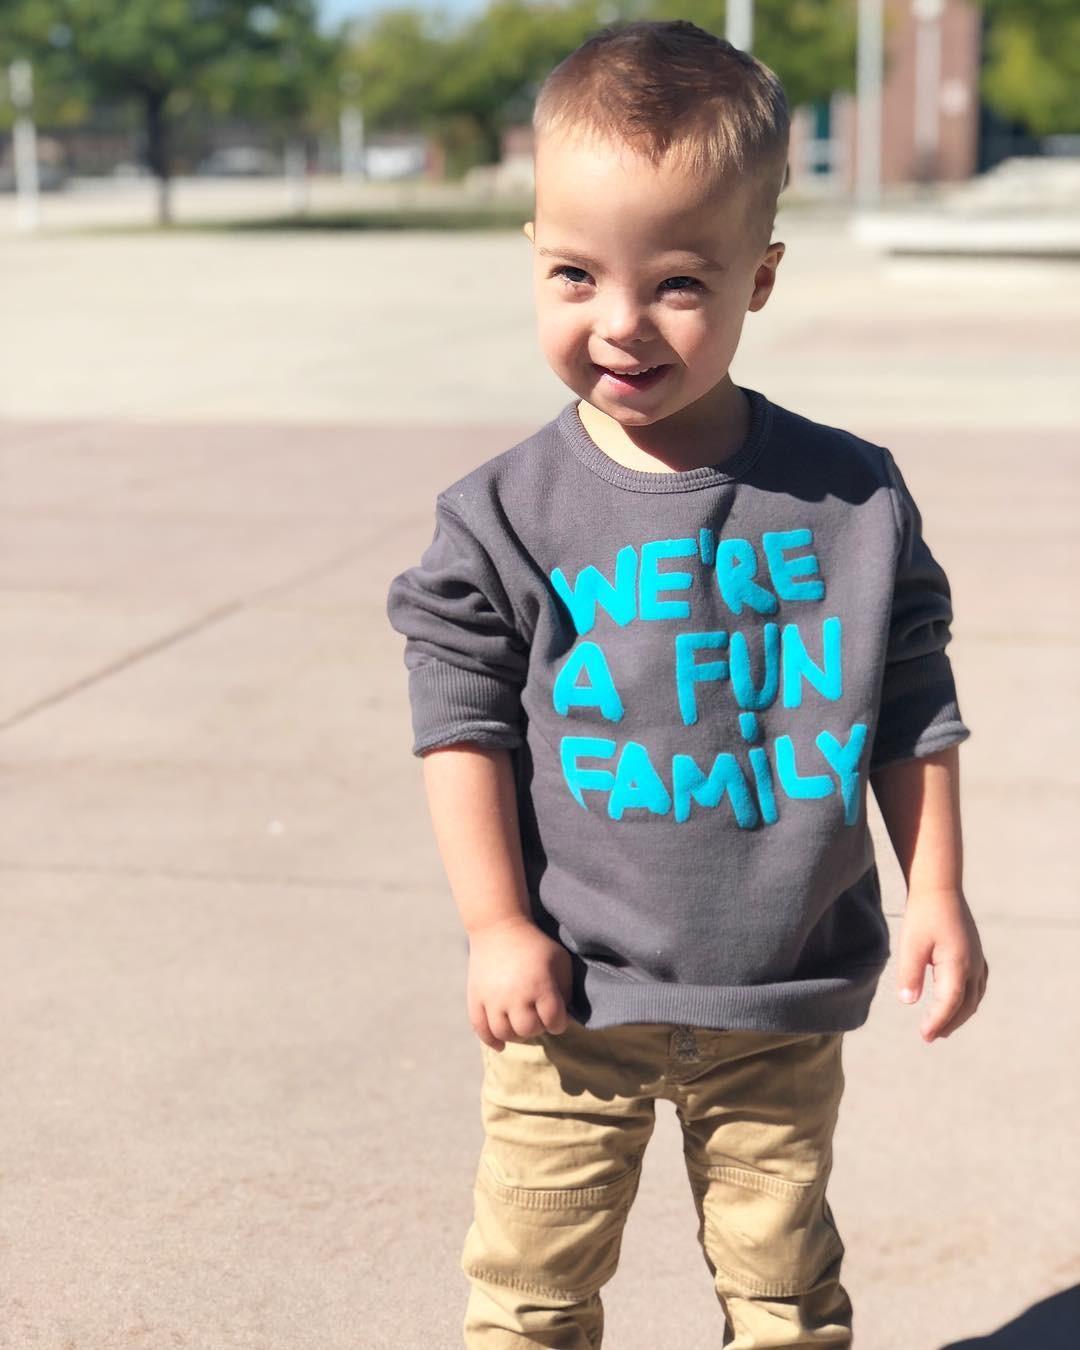 Noah, o mais novo dos sete filhos de Kecia (Foto: Reprodução / Instagram)